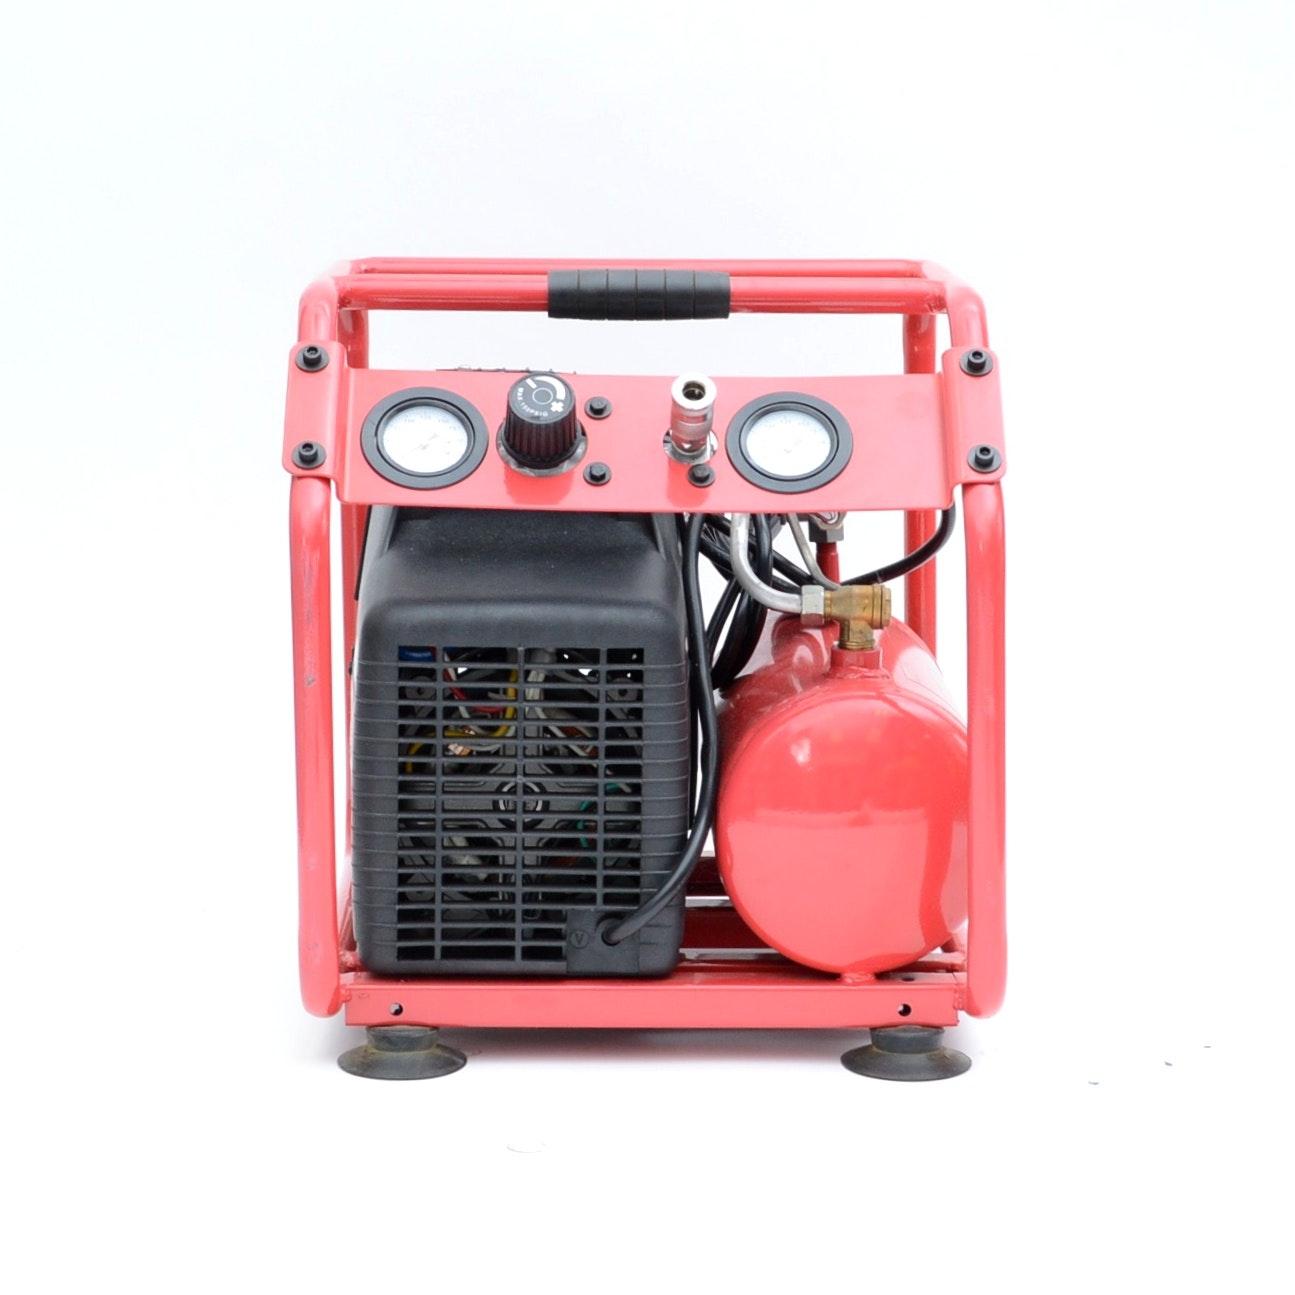 3 PRO 1.6 Gallon Oil- Free Hot Dog Compressor